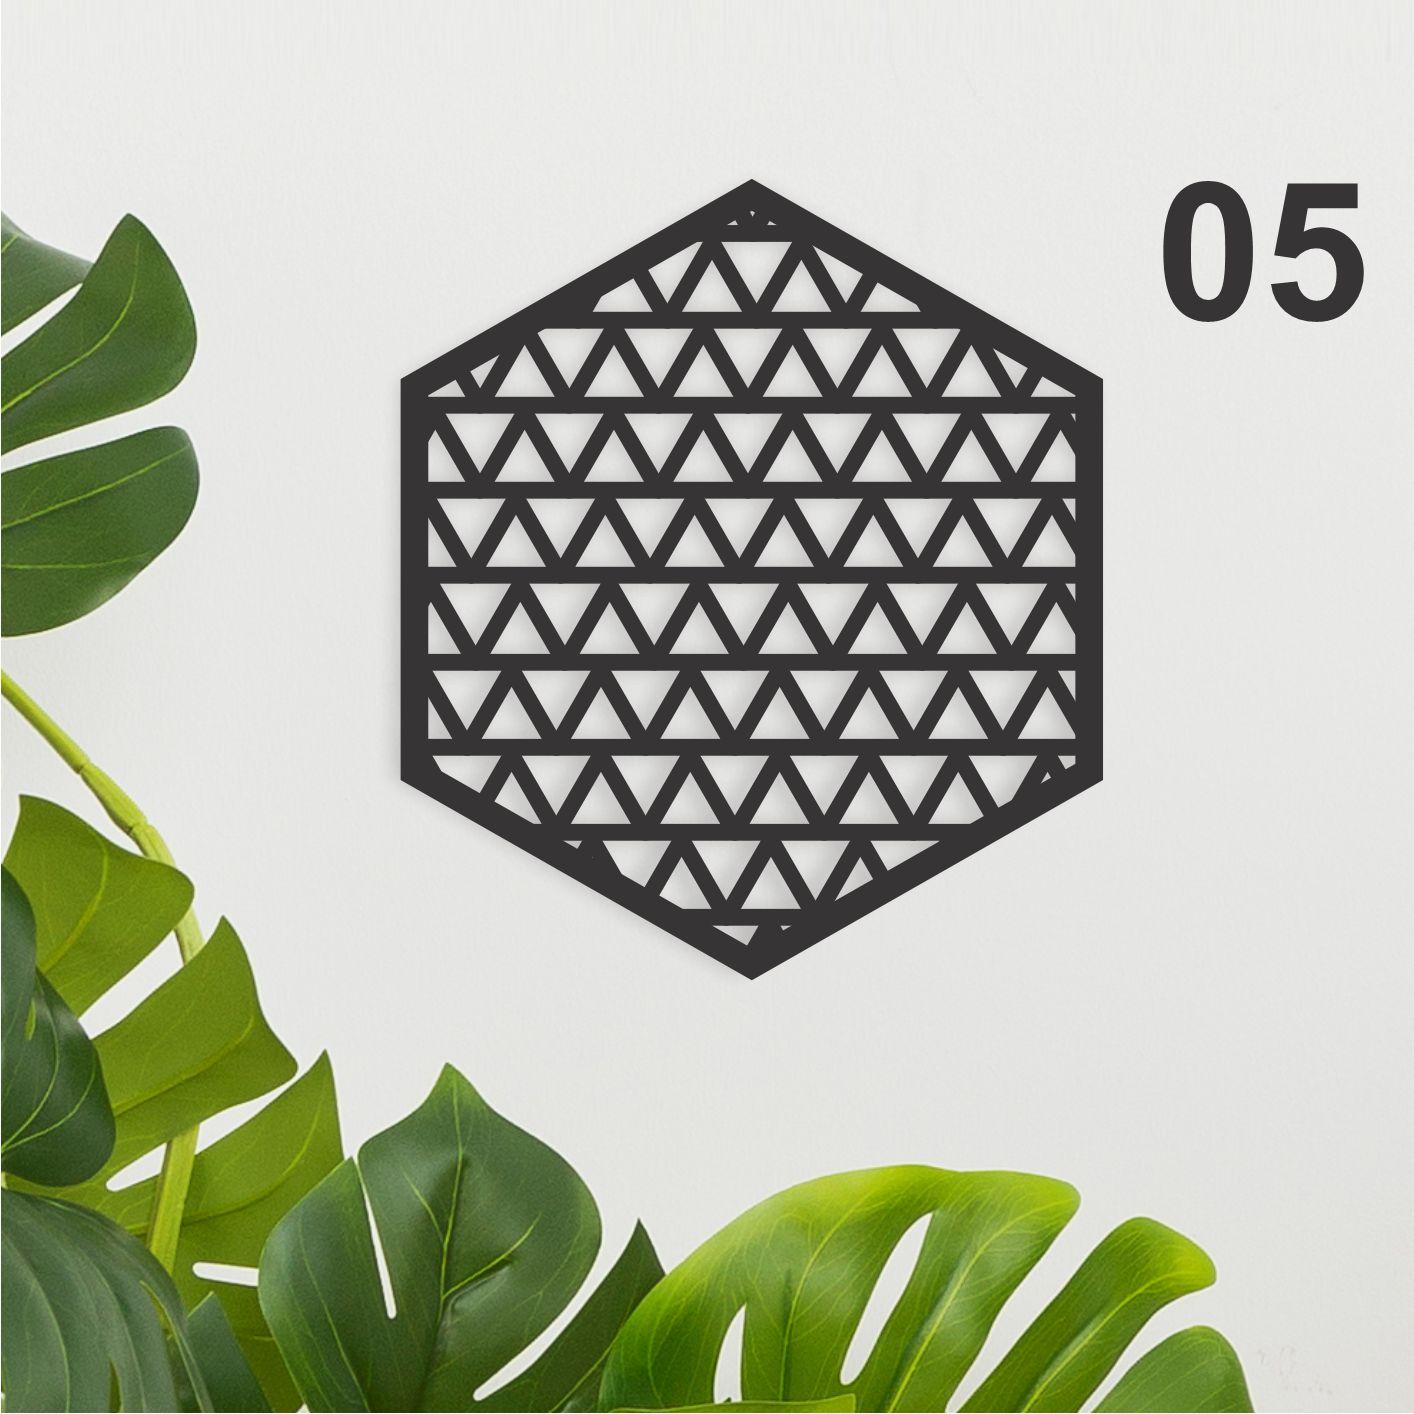 Kit de 04 Quadros Decorativos Hexagonais em Recorte - estampas diversas